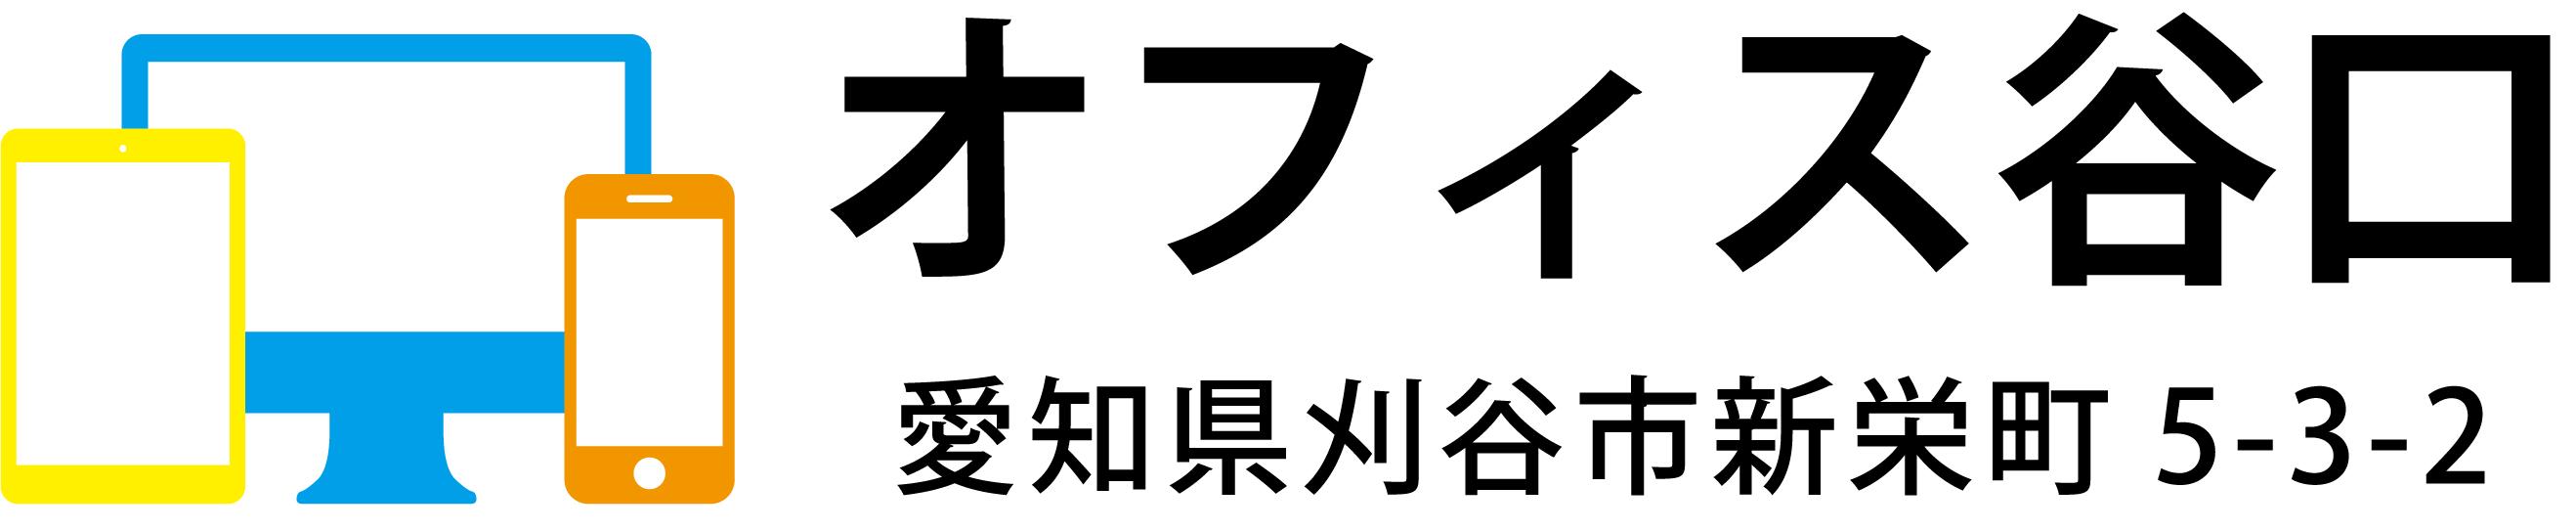 ホームページ制作は低価格な愛知県刈谷市のオフィス谷口へ